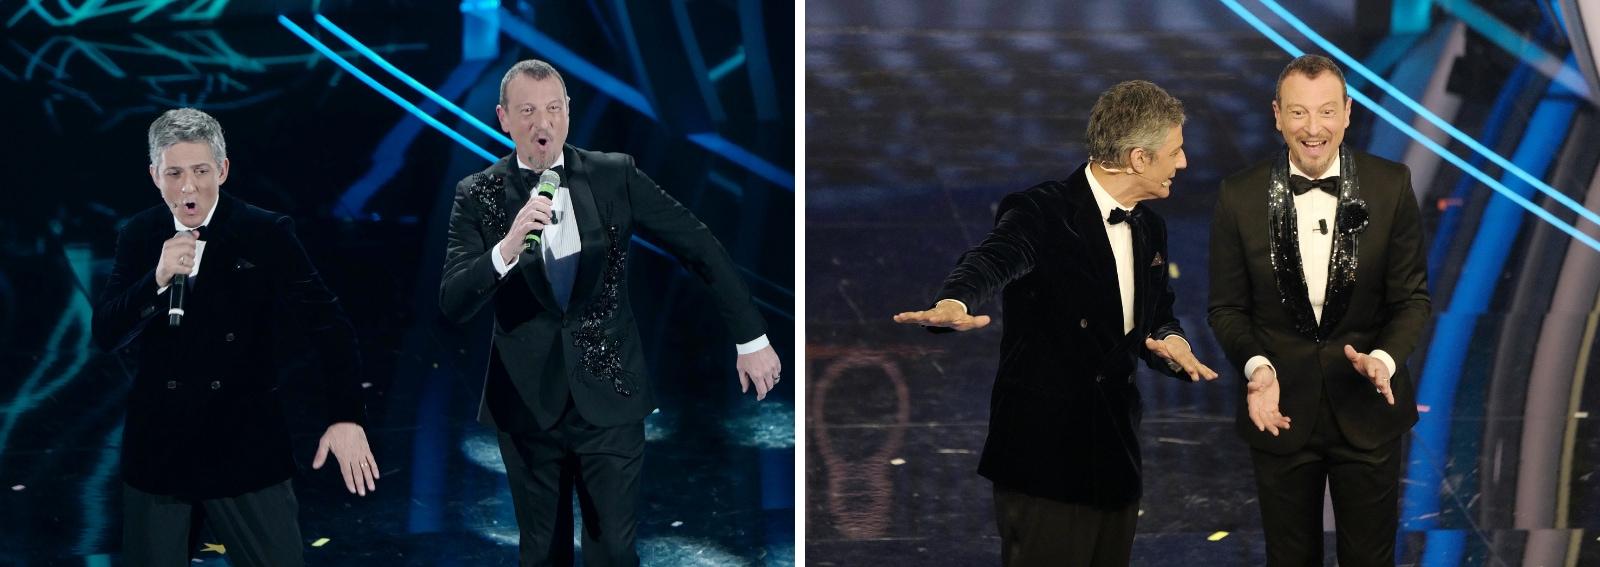 Sanremo 2021 cantanti date ospiti 71esima edizione DESK